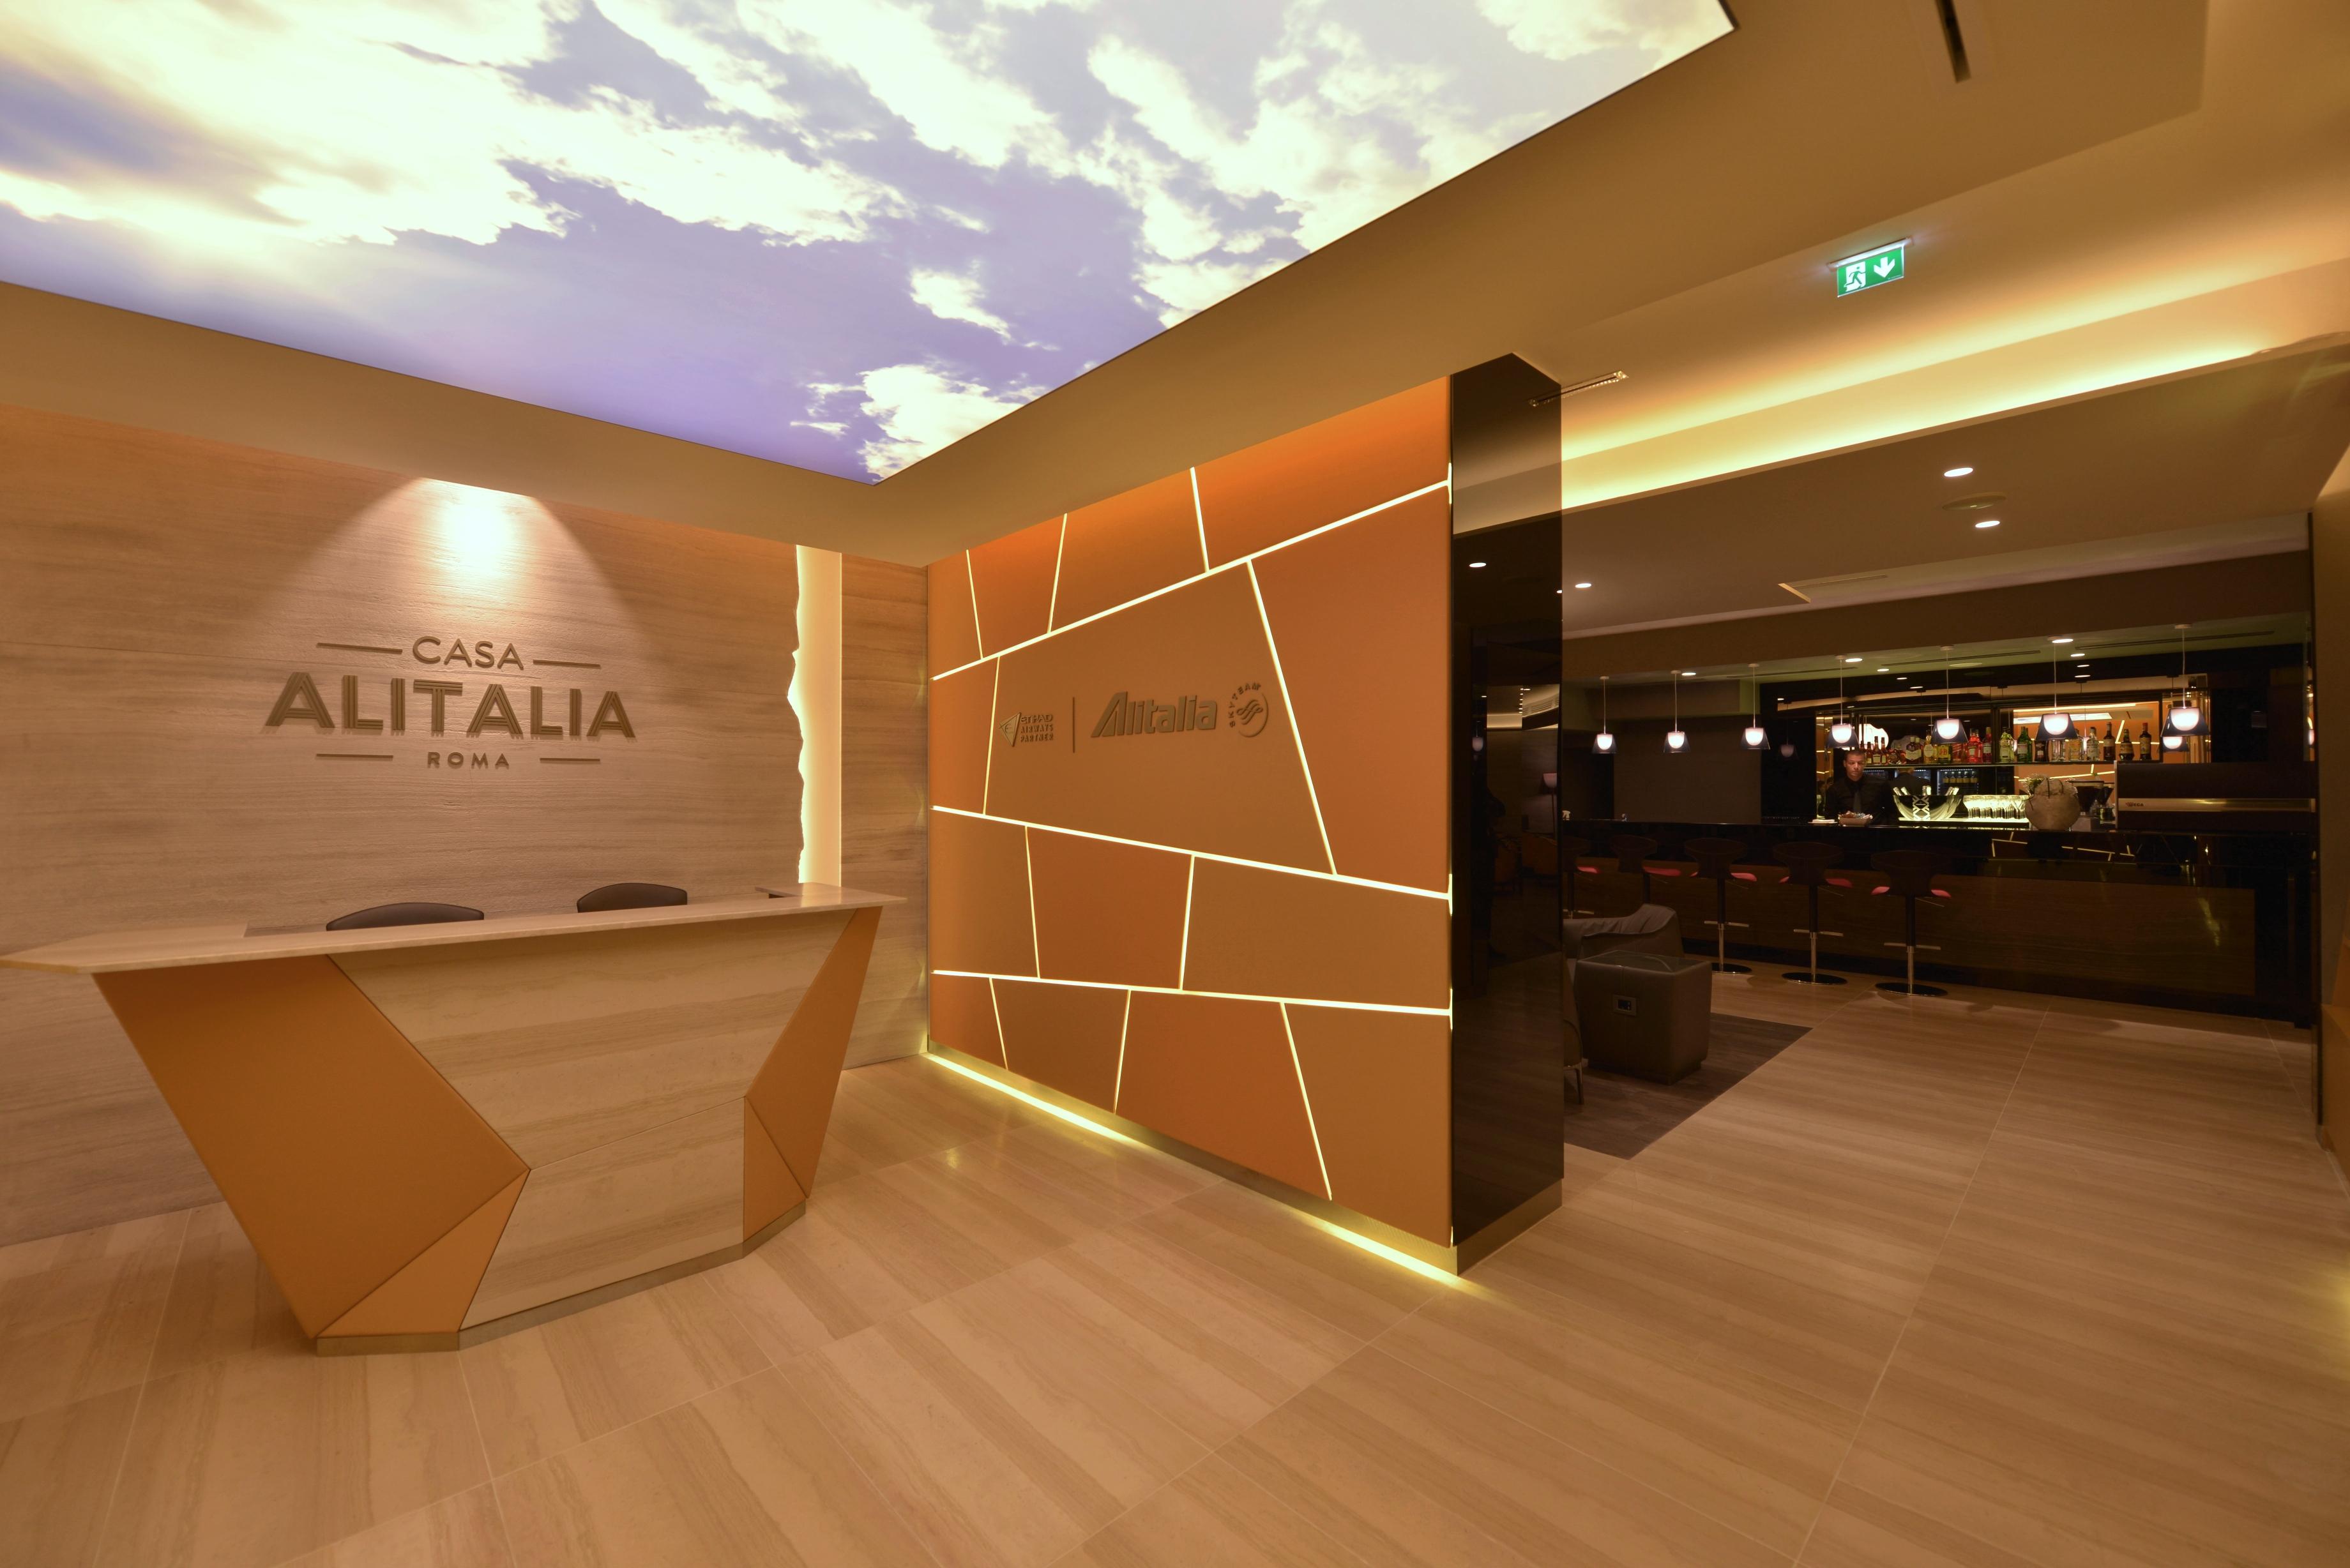 Casa alitalia nuove lounge fra eccellenze e stile a for Veltroni casa new york